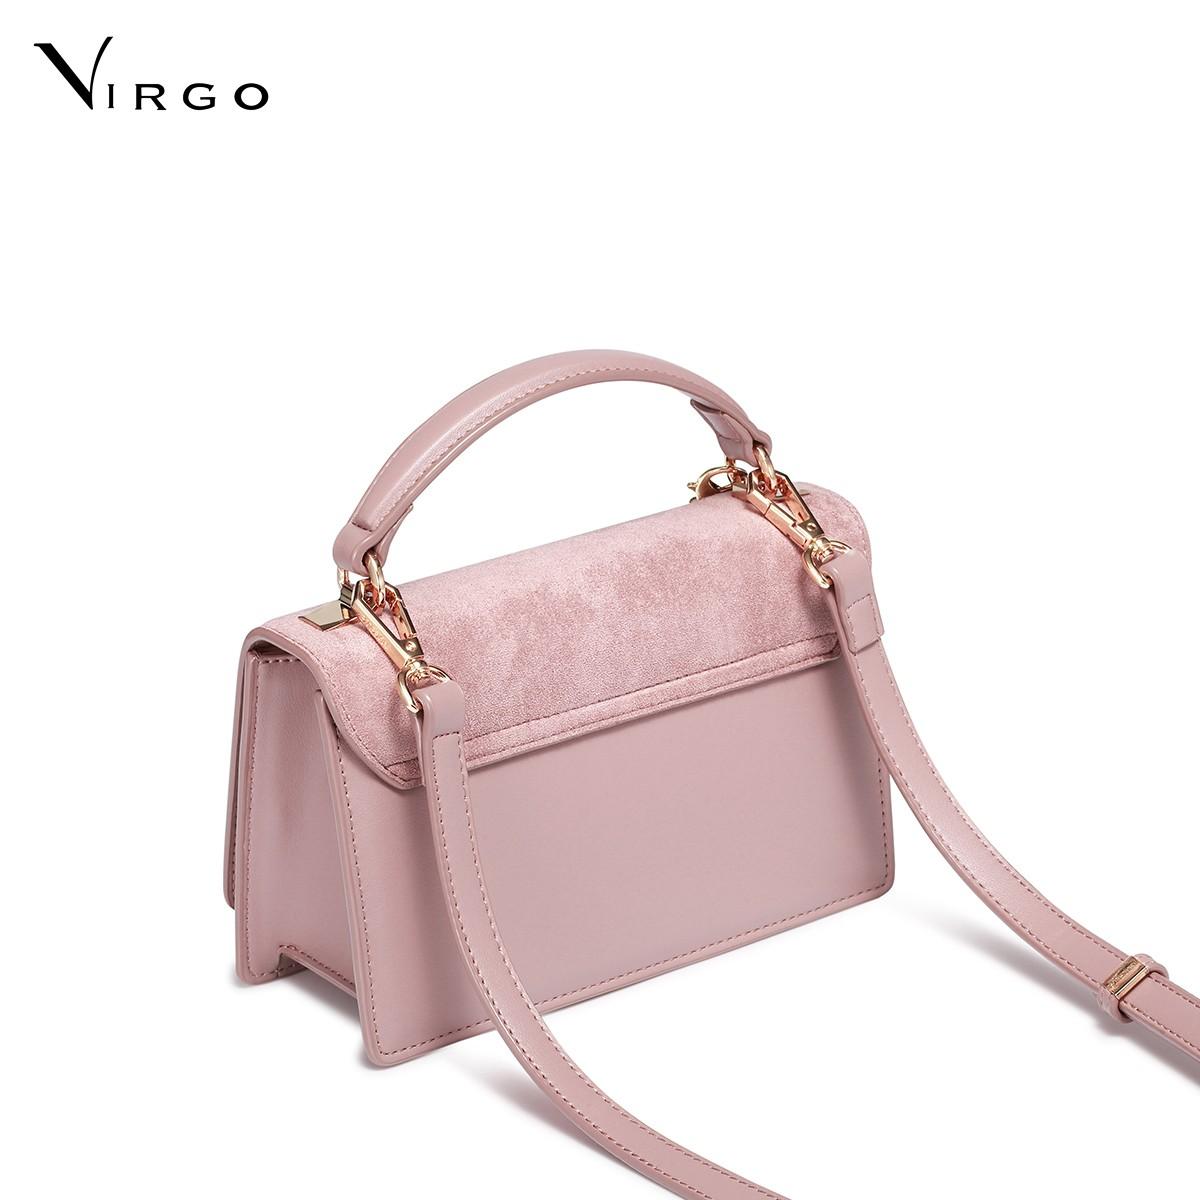 Túi nữ thời trang cao cấp Nucelle Virgo VG516